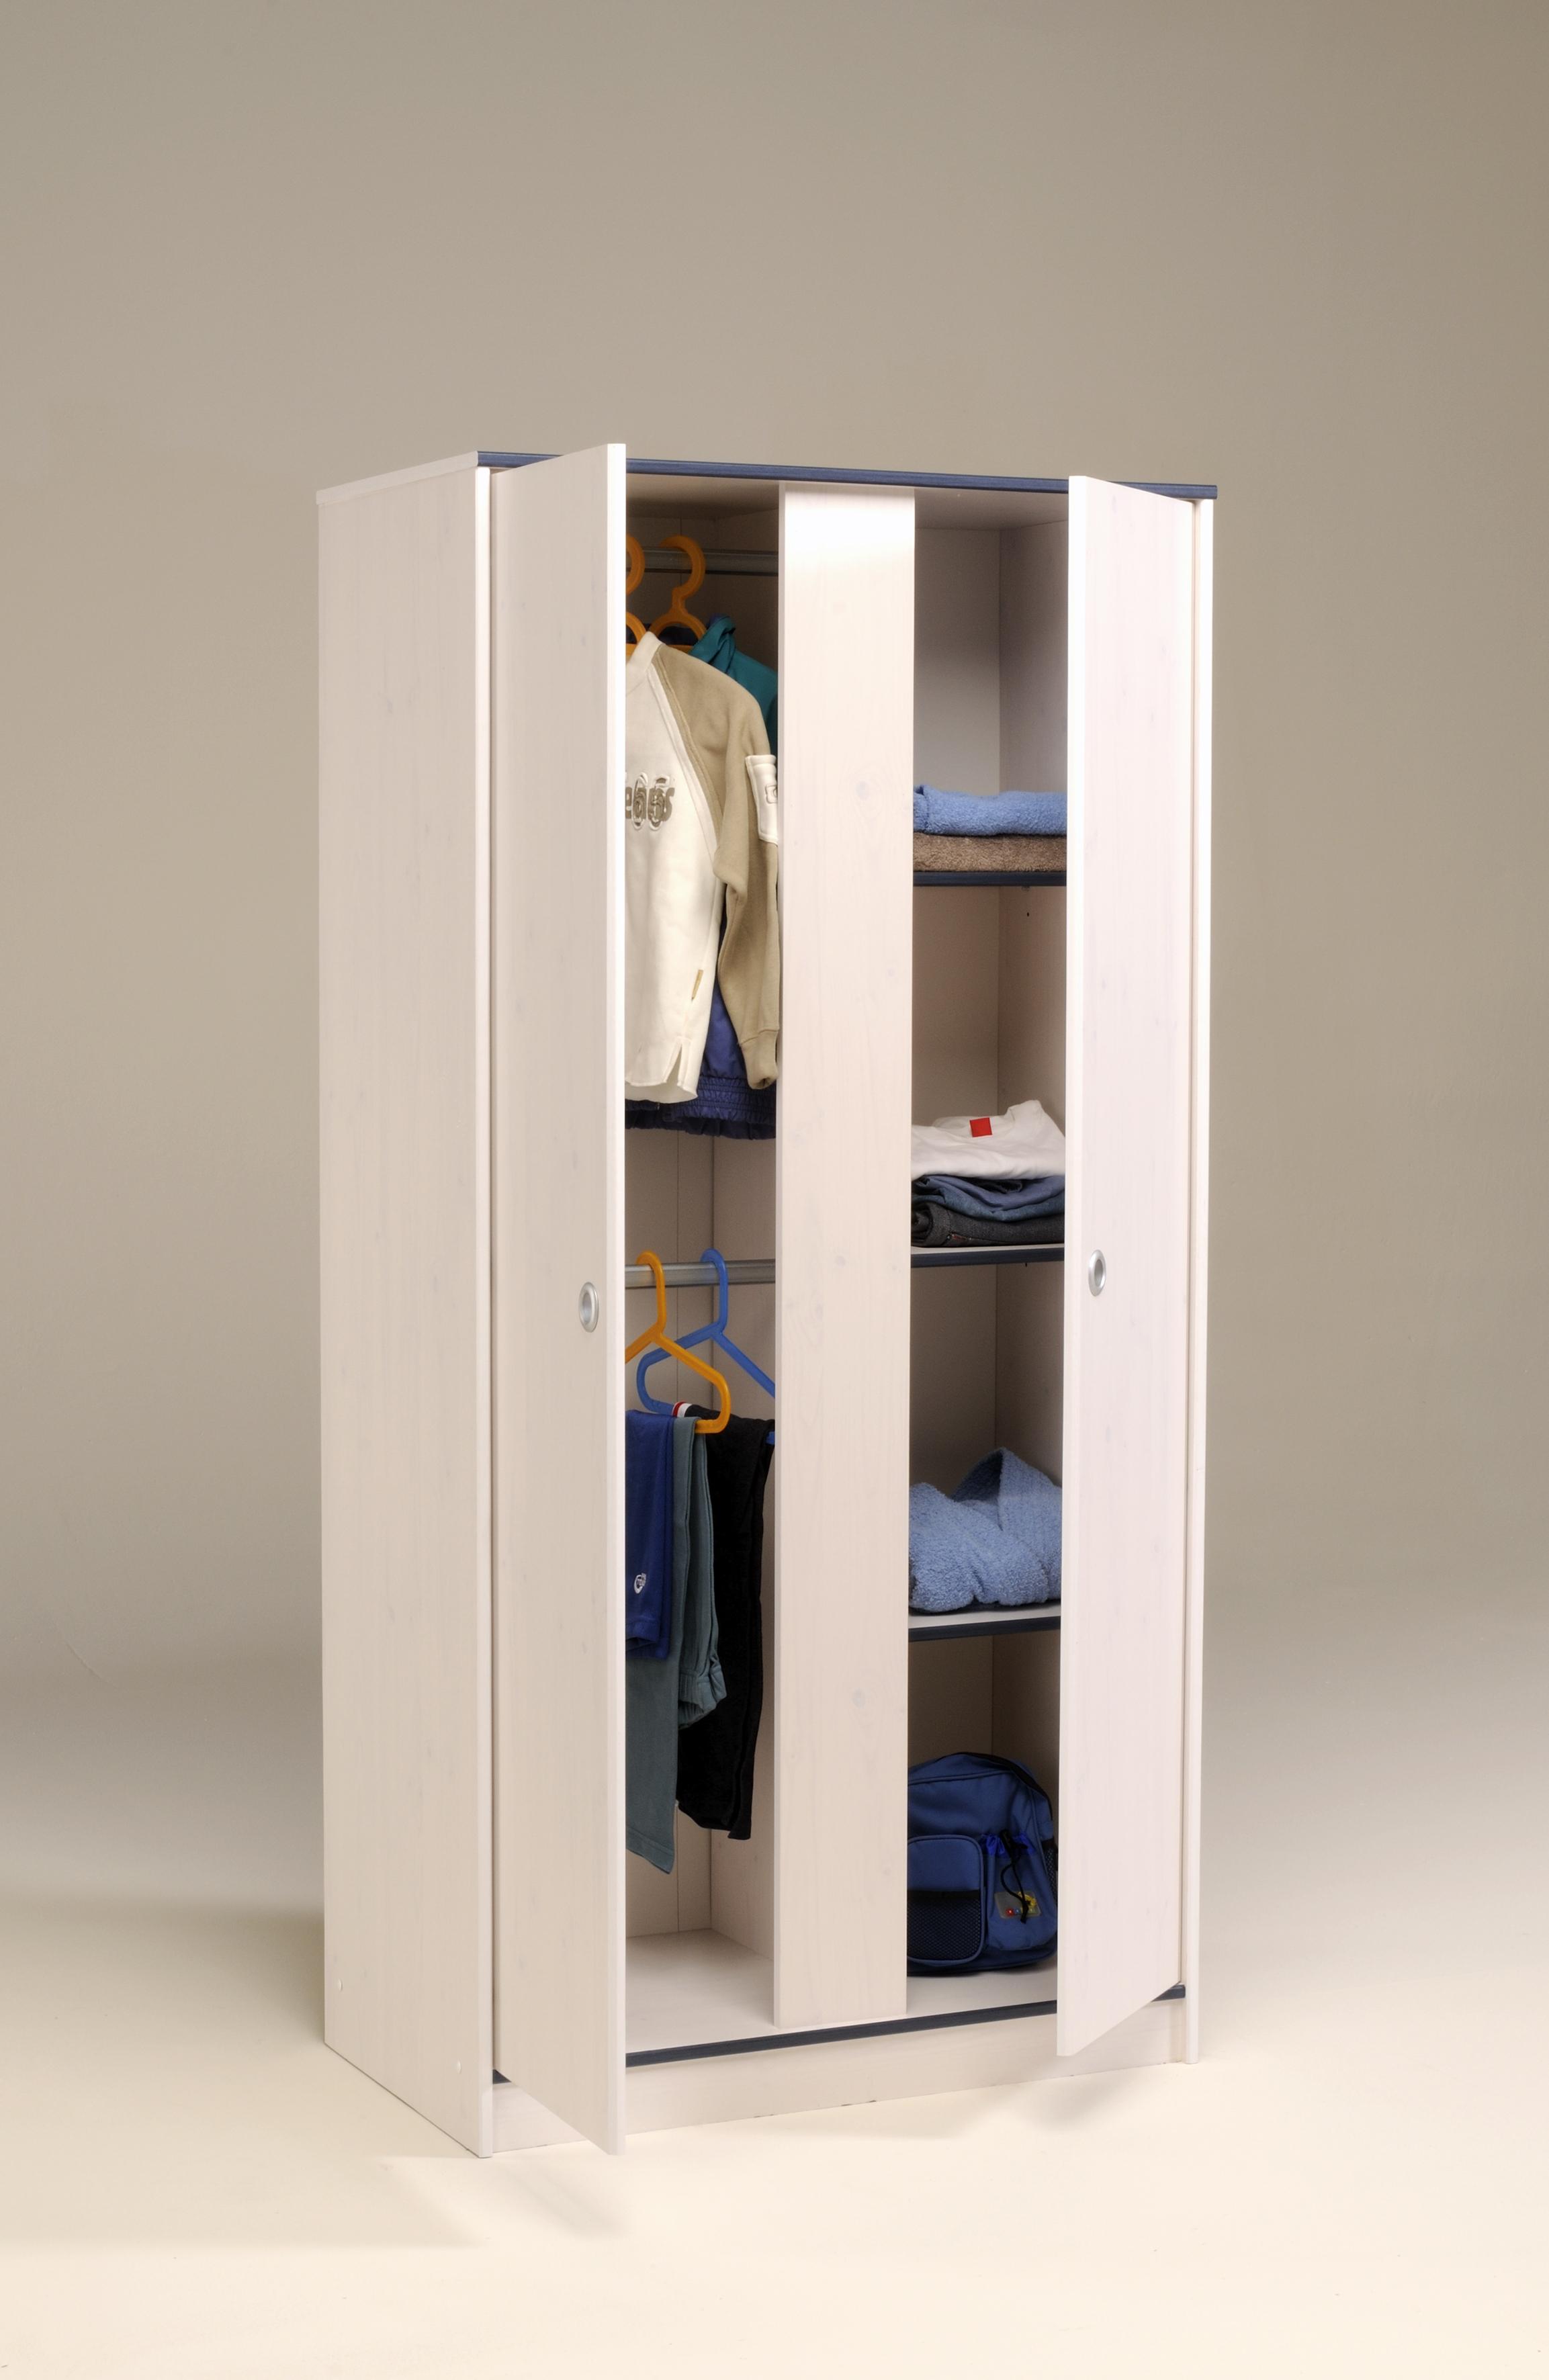 schlafzimmer 4 tlg inkl 90x200 stauraumbett u schreibtisch smoozy 26a von parisot kiefer weiss. Black Bedroom Furniture Sets. Home Design Ideas